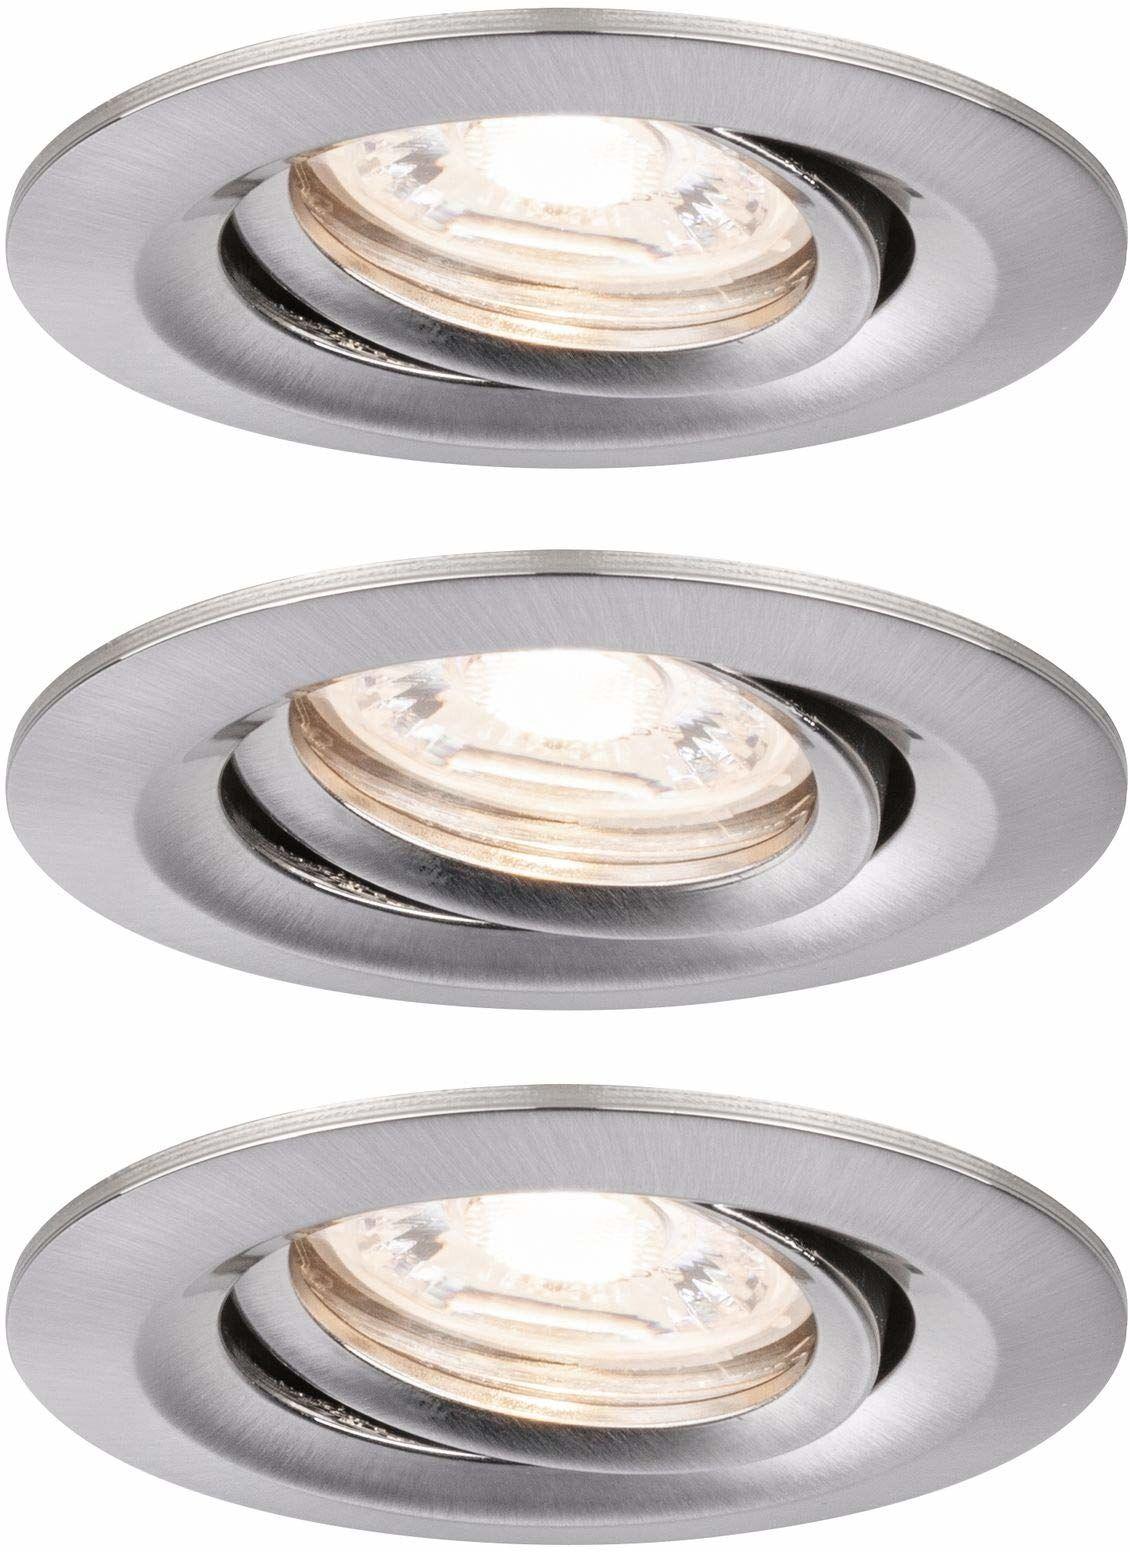 Paulmann 94295 Nova Mini LED oprawa do zabudowy Coin, okrągła, wychylna, 3x4W, 2700K